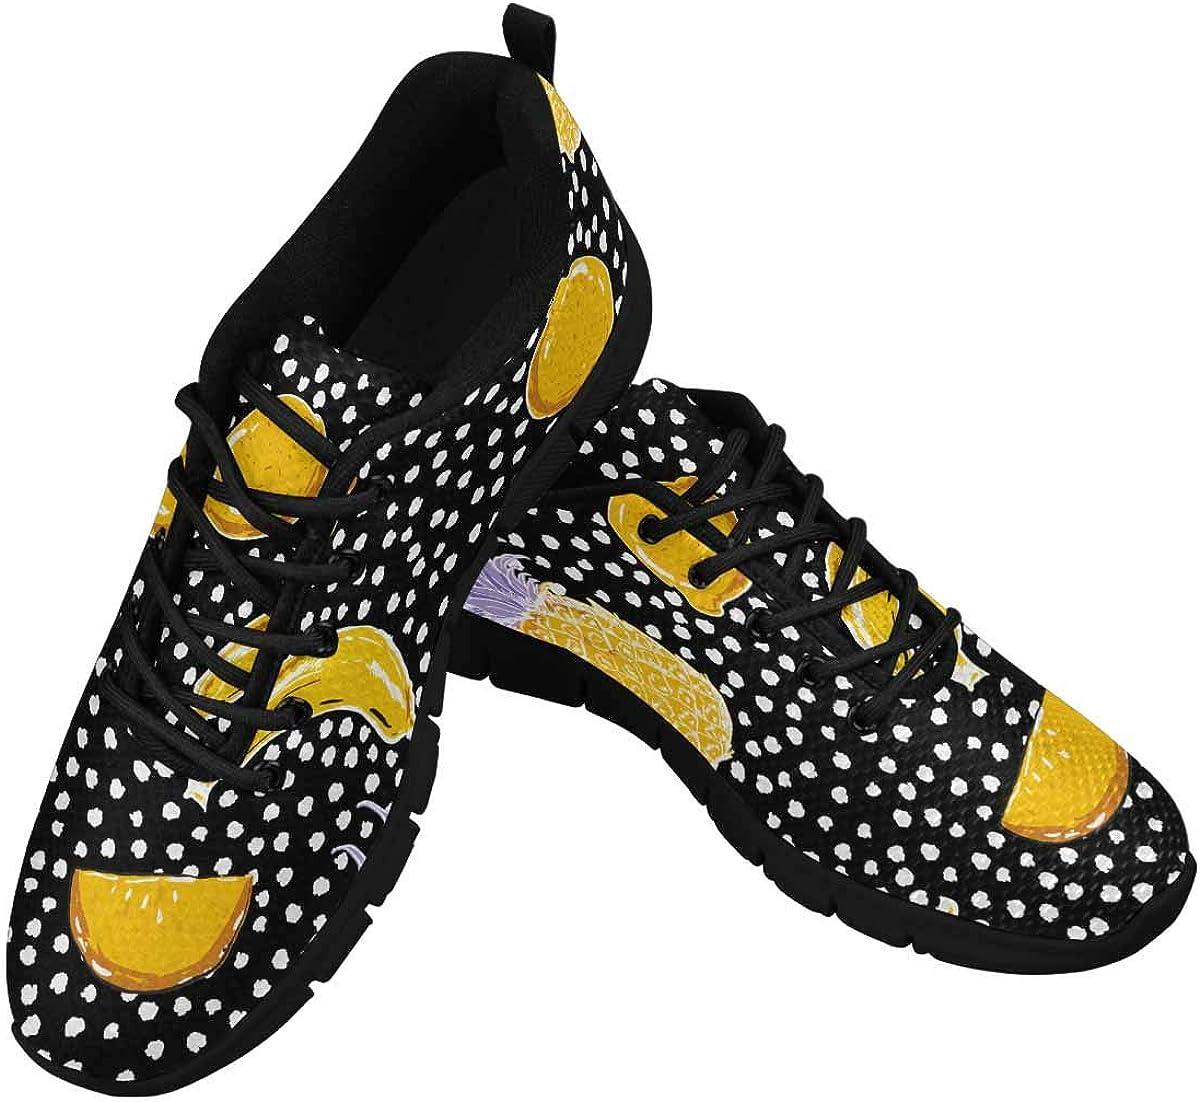 INTERESTPRINT Ummer Fruit Lemon Pineapplebanana Women's Athletic Mesh Breathable Casual Sneakers